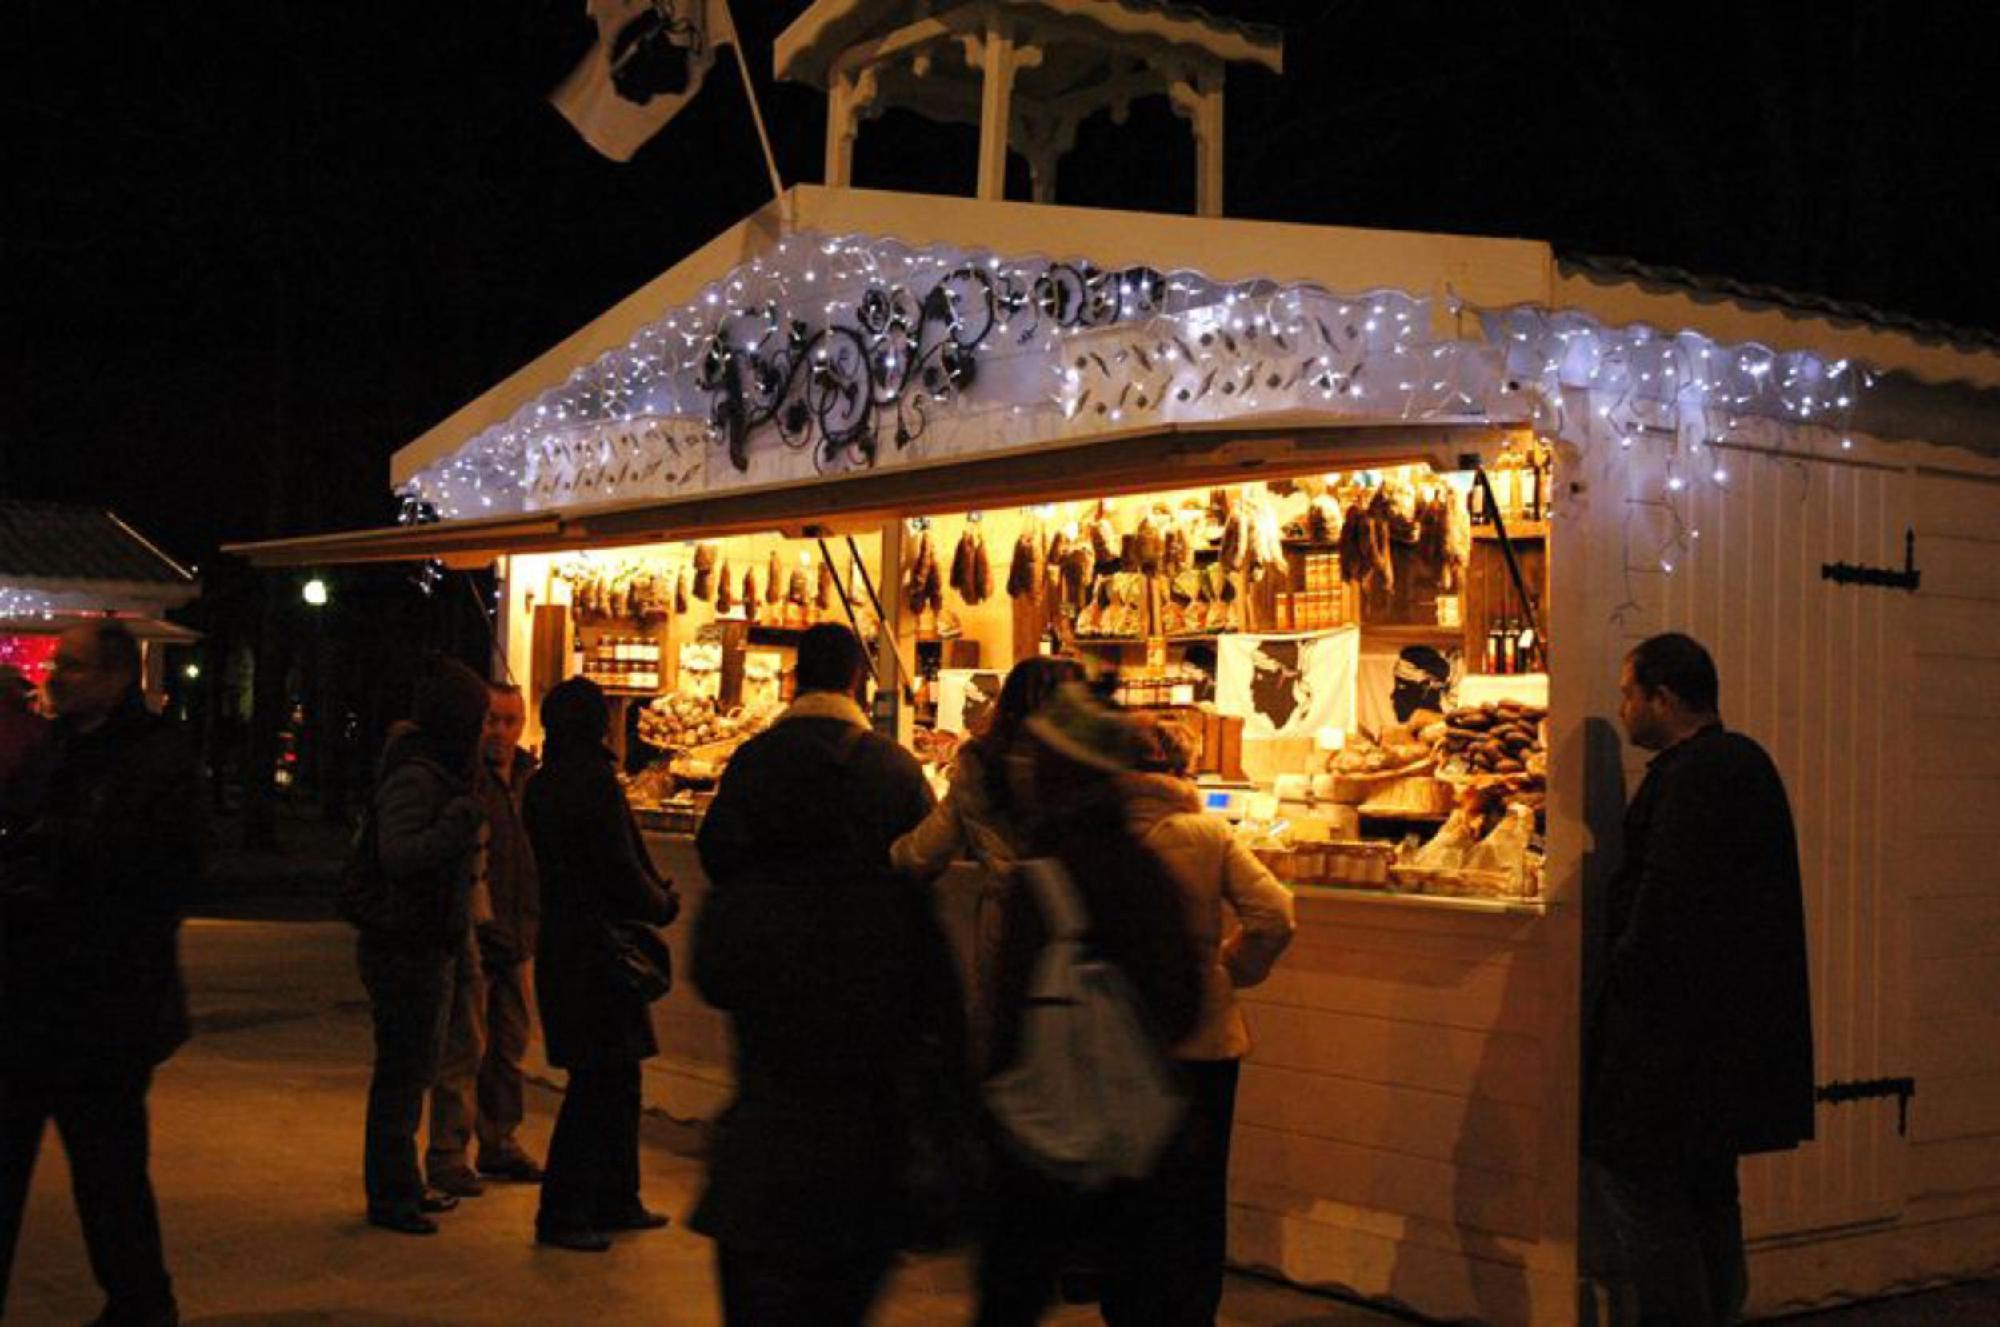 Patinoire du village de Noël des Champs-Elysées